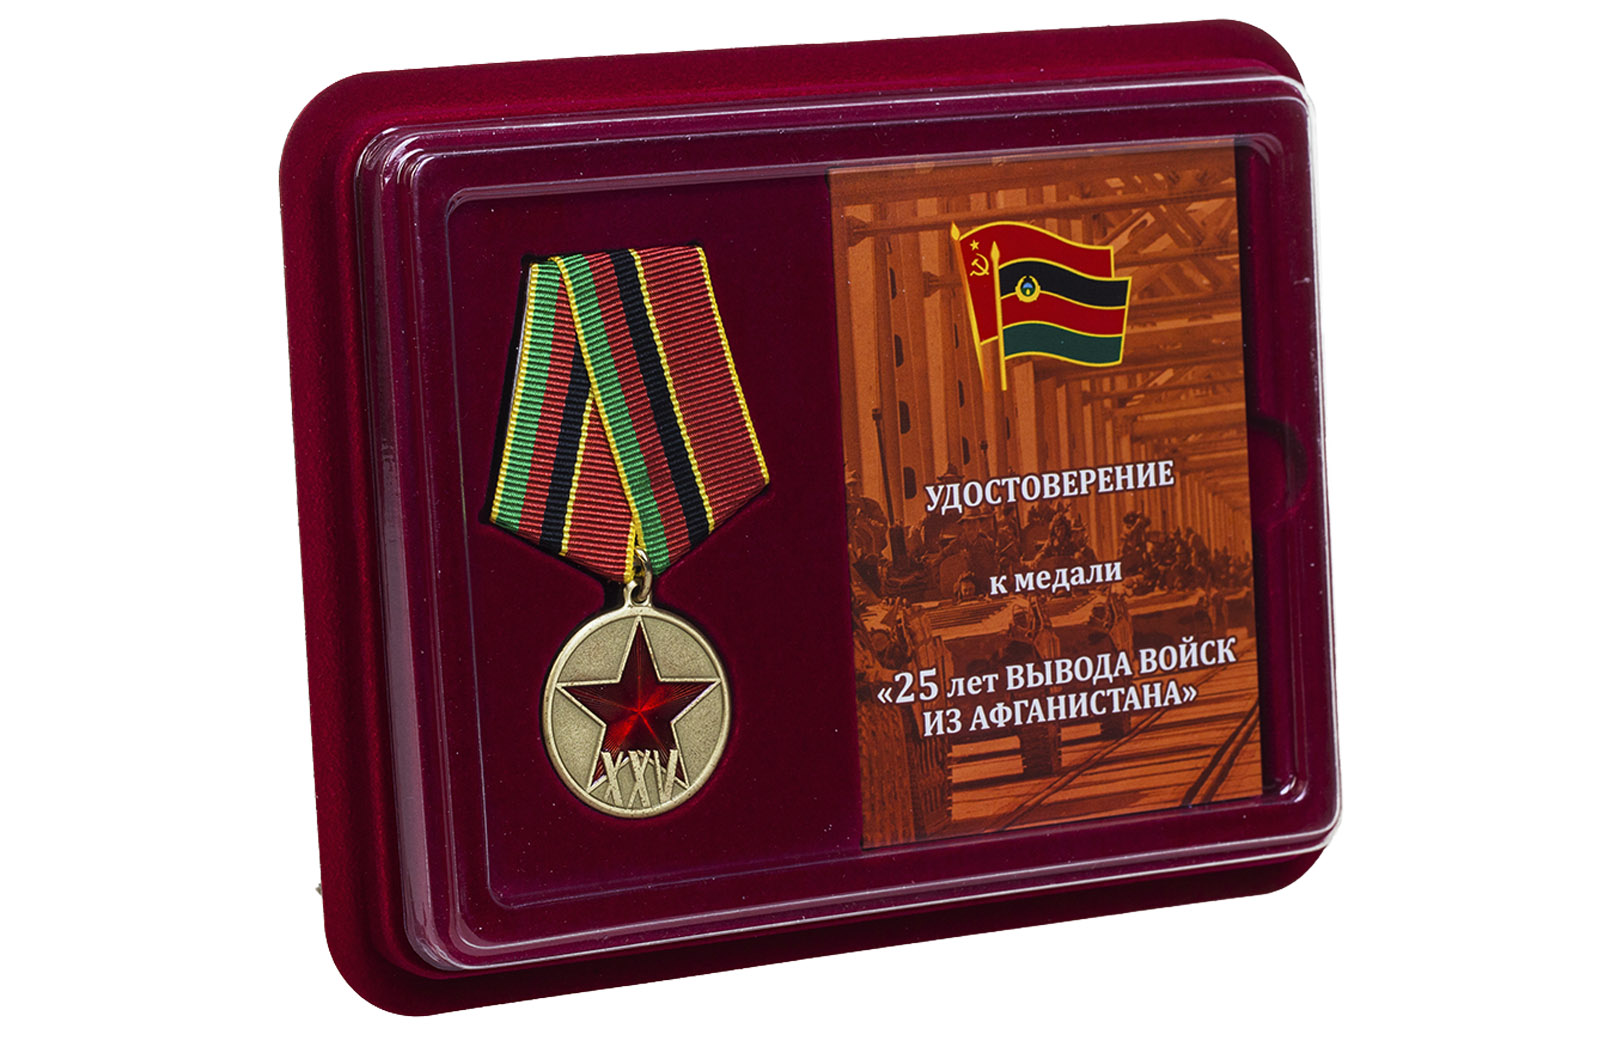 Юбилейная медаль 25 лет вывода войск из Афганистана - в футляре с удостоверением